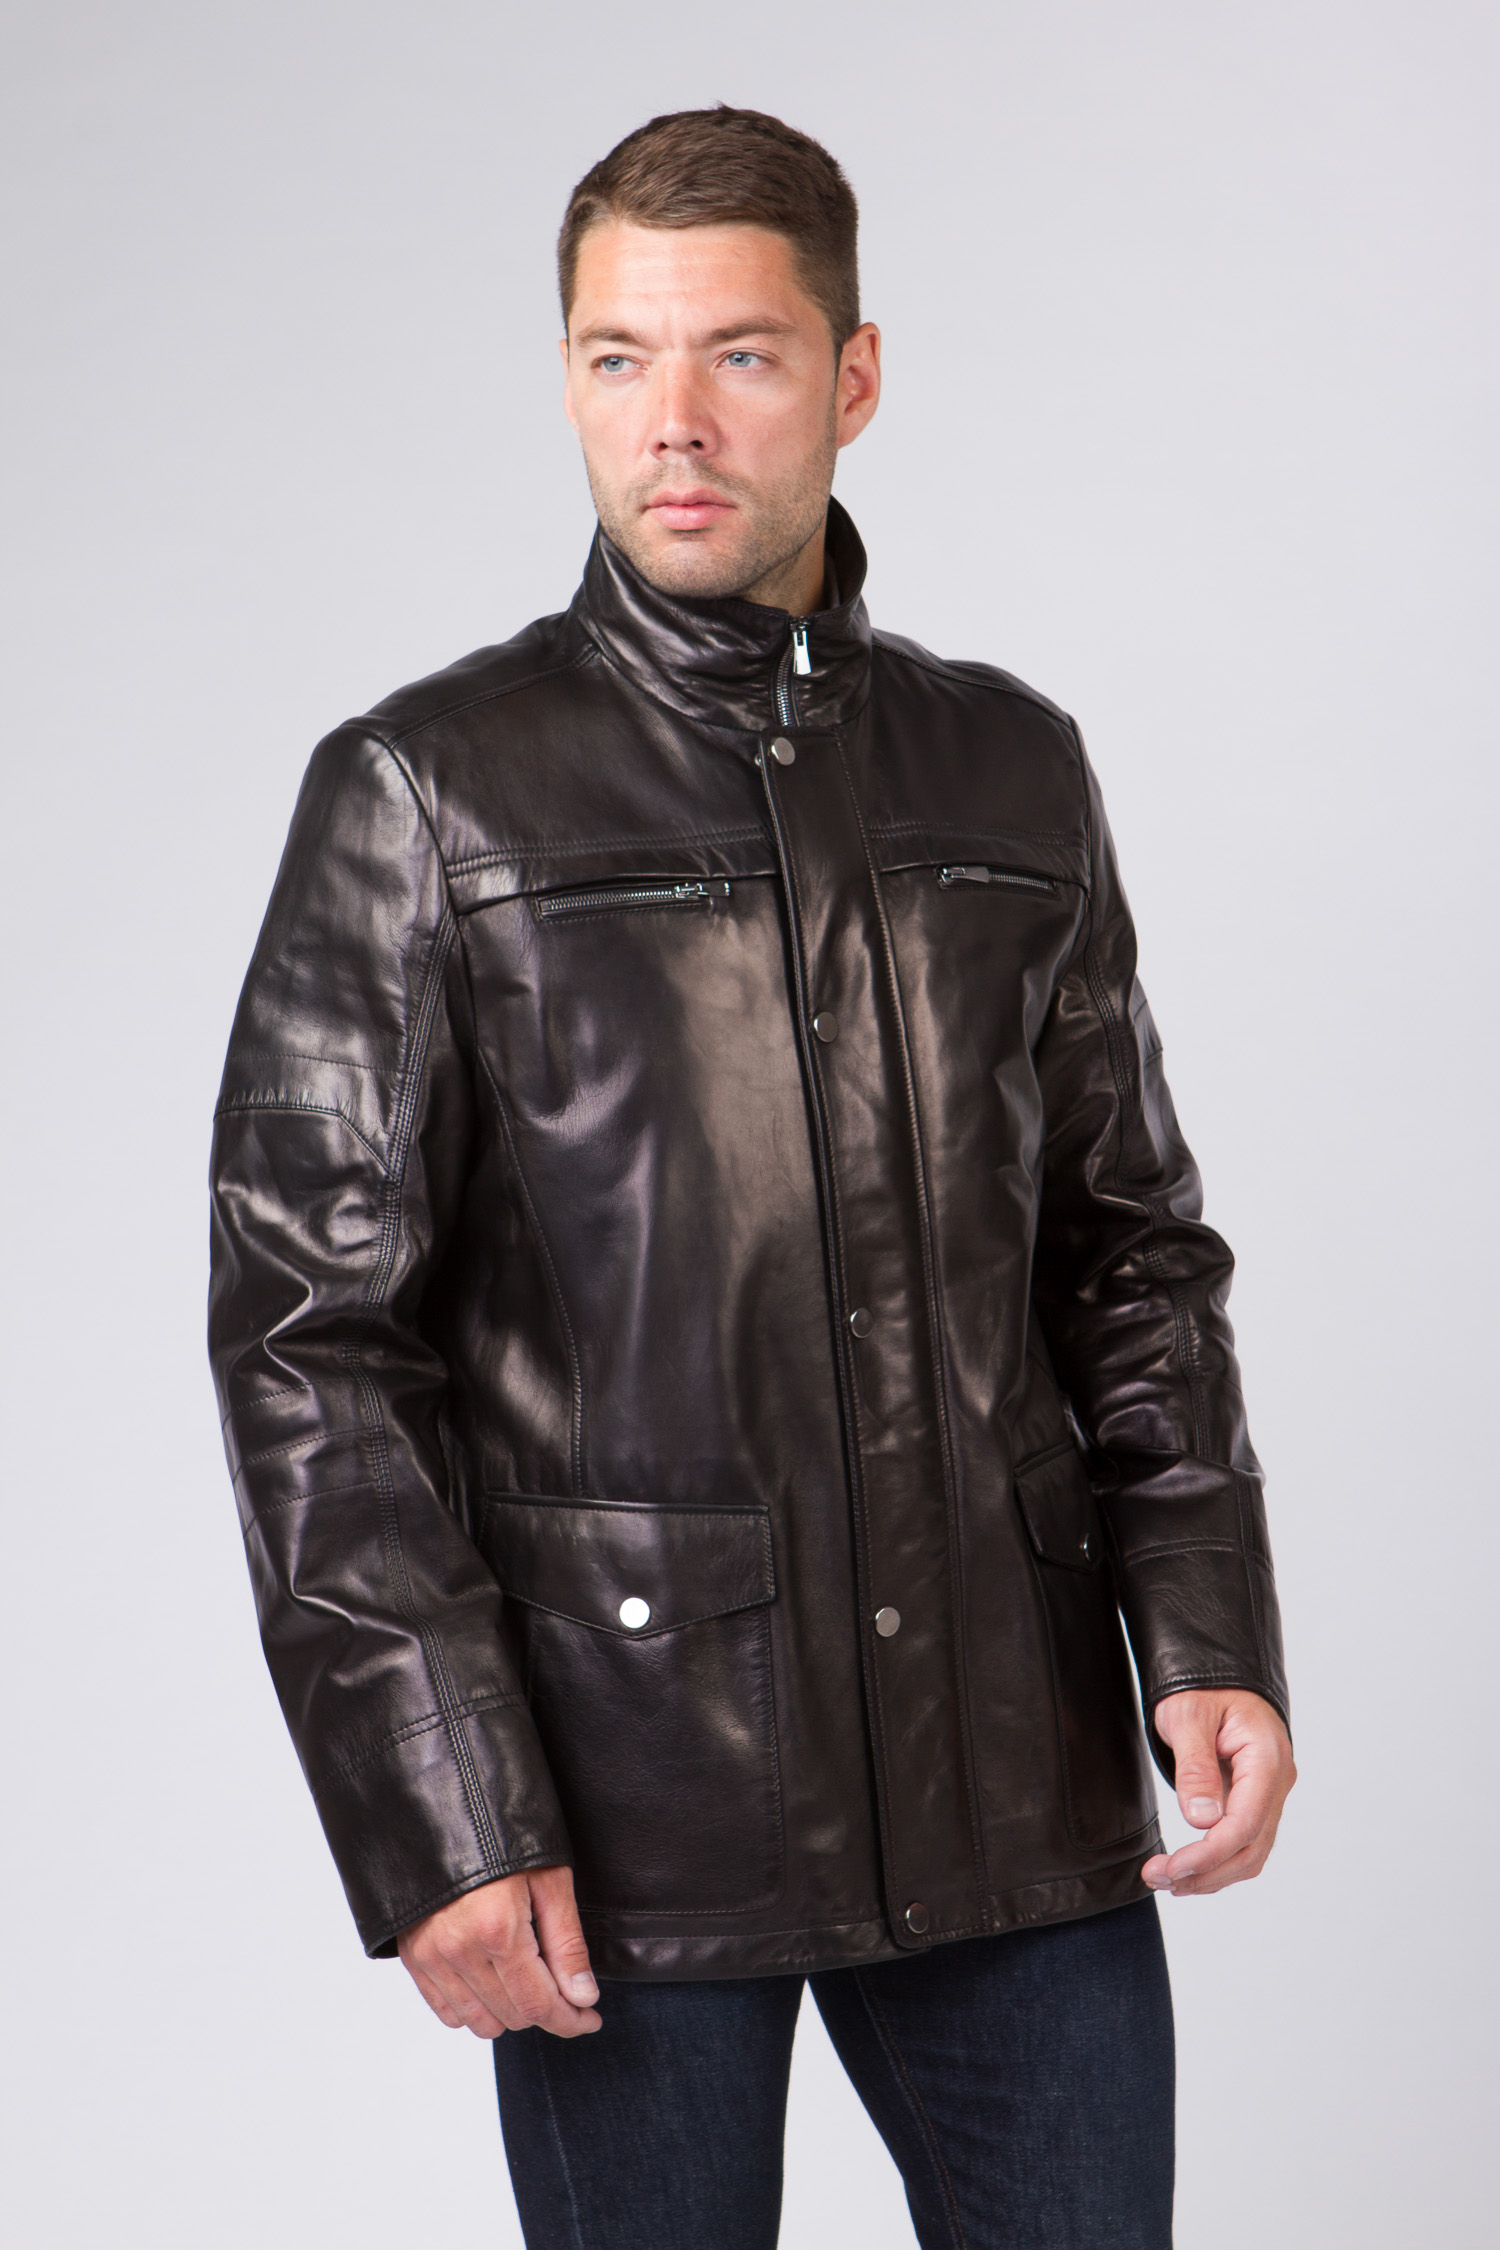 Купить со скидкой Мужская кожаная куртка из натуральной кожи с воротником, без отделки